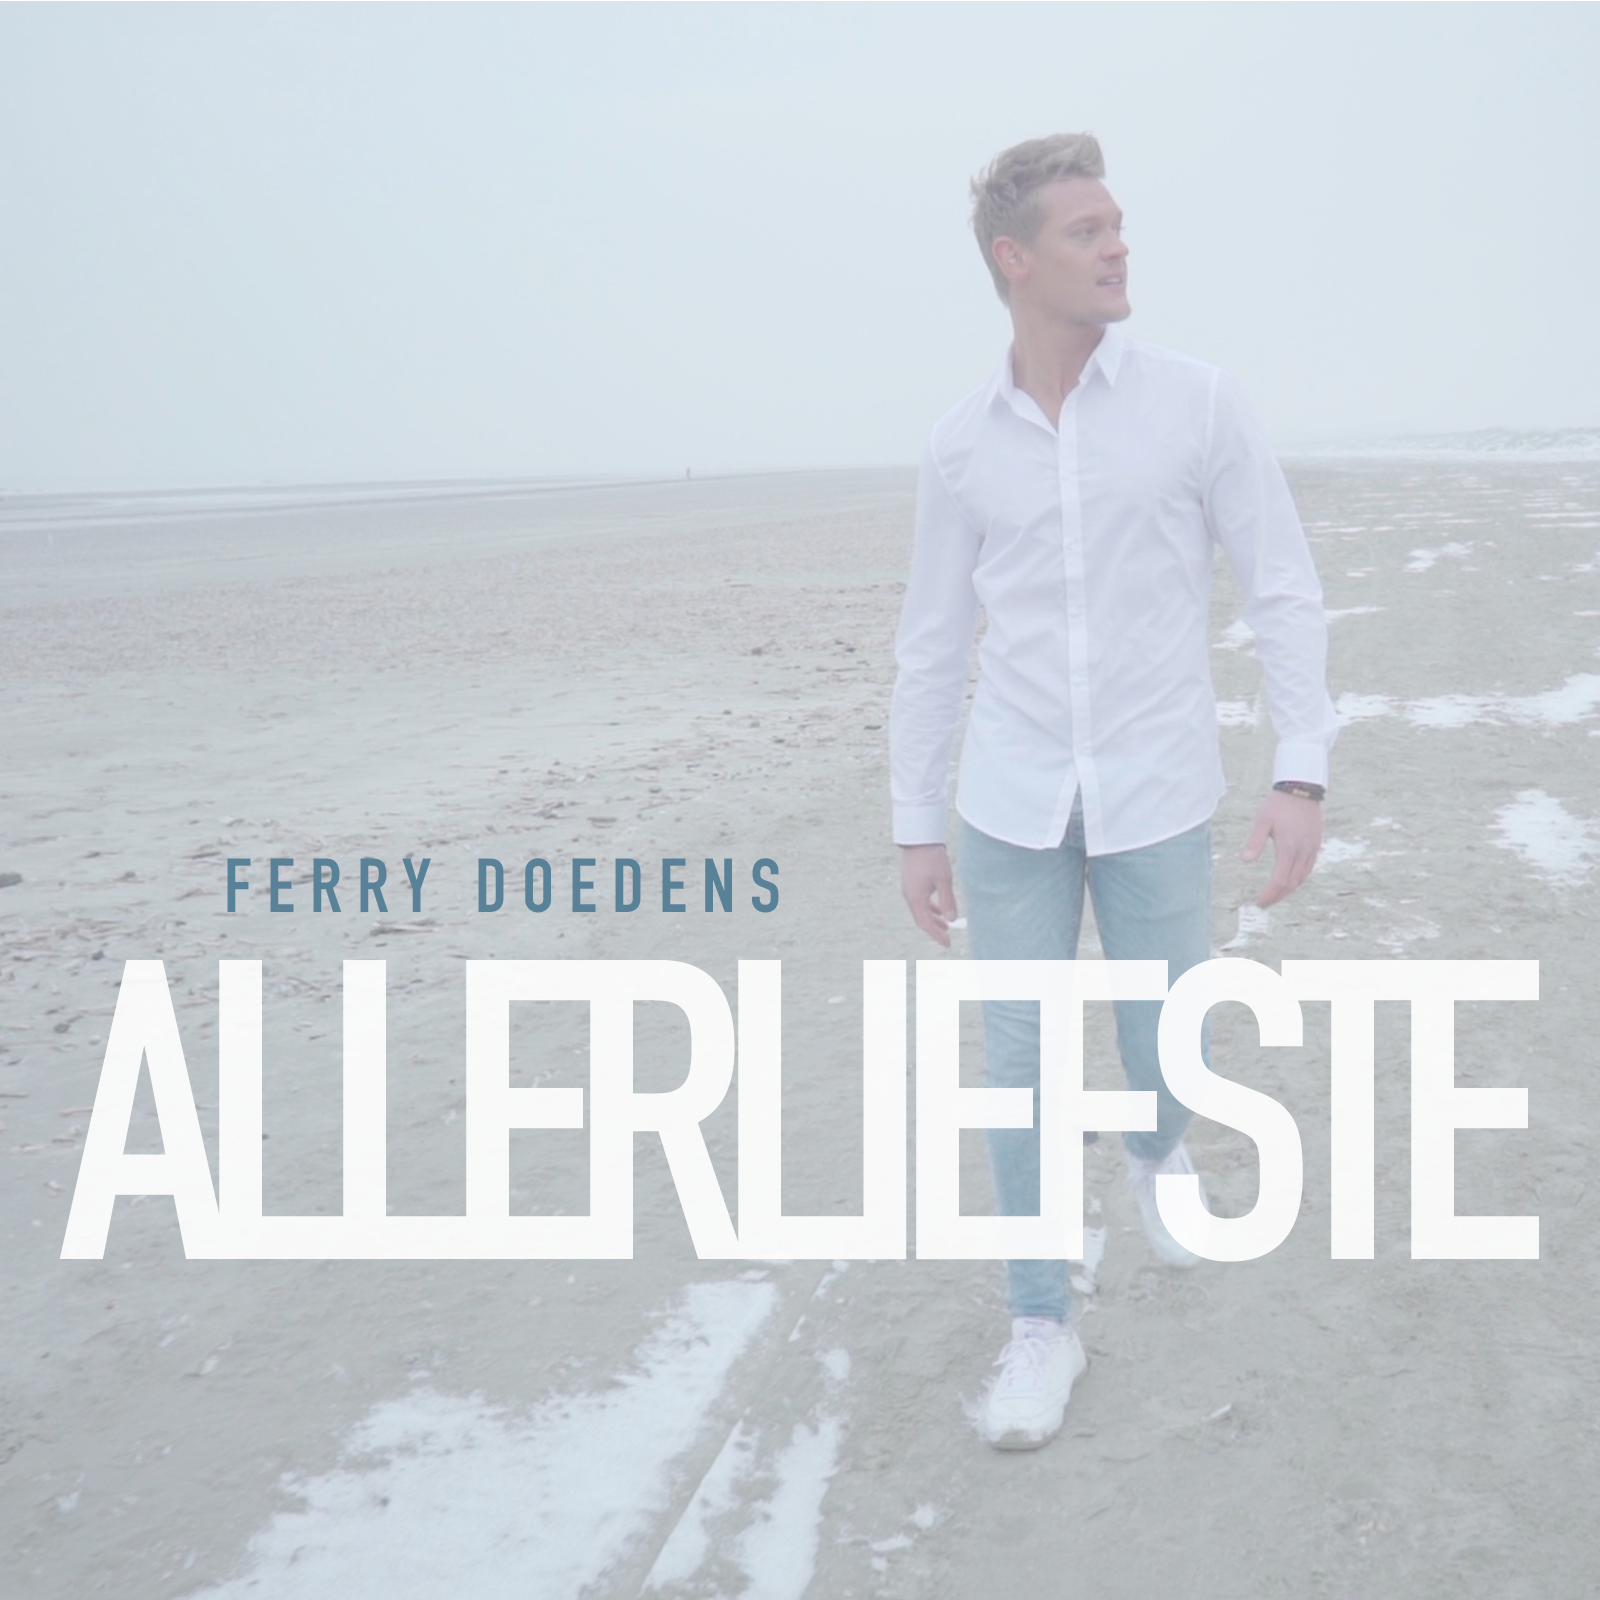 Cvr_FerryDoedens_Allerliefste (002).png